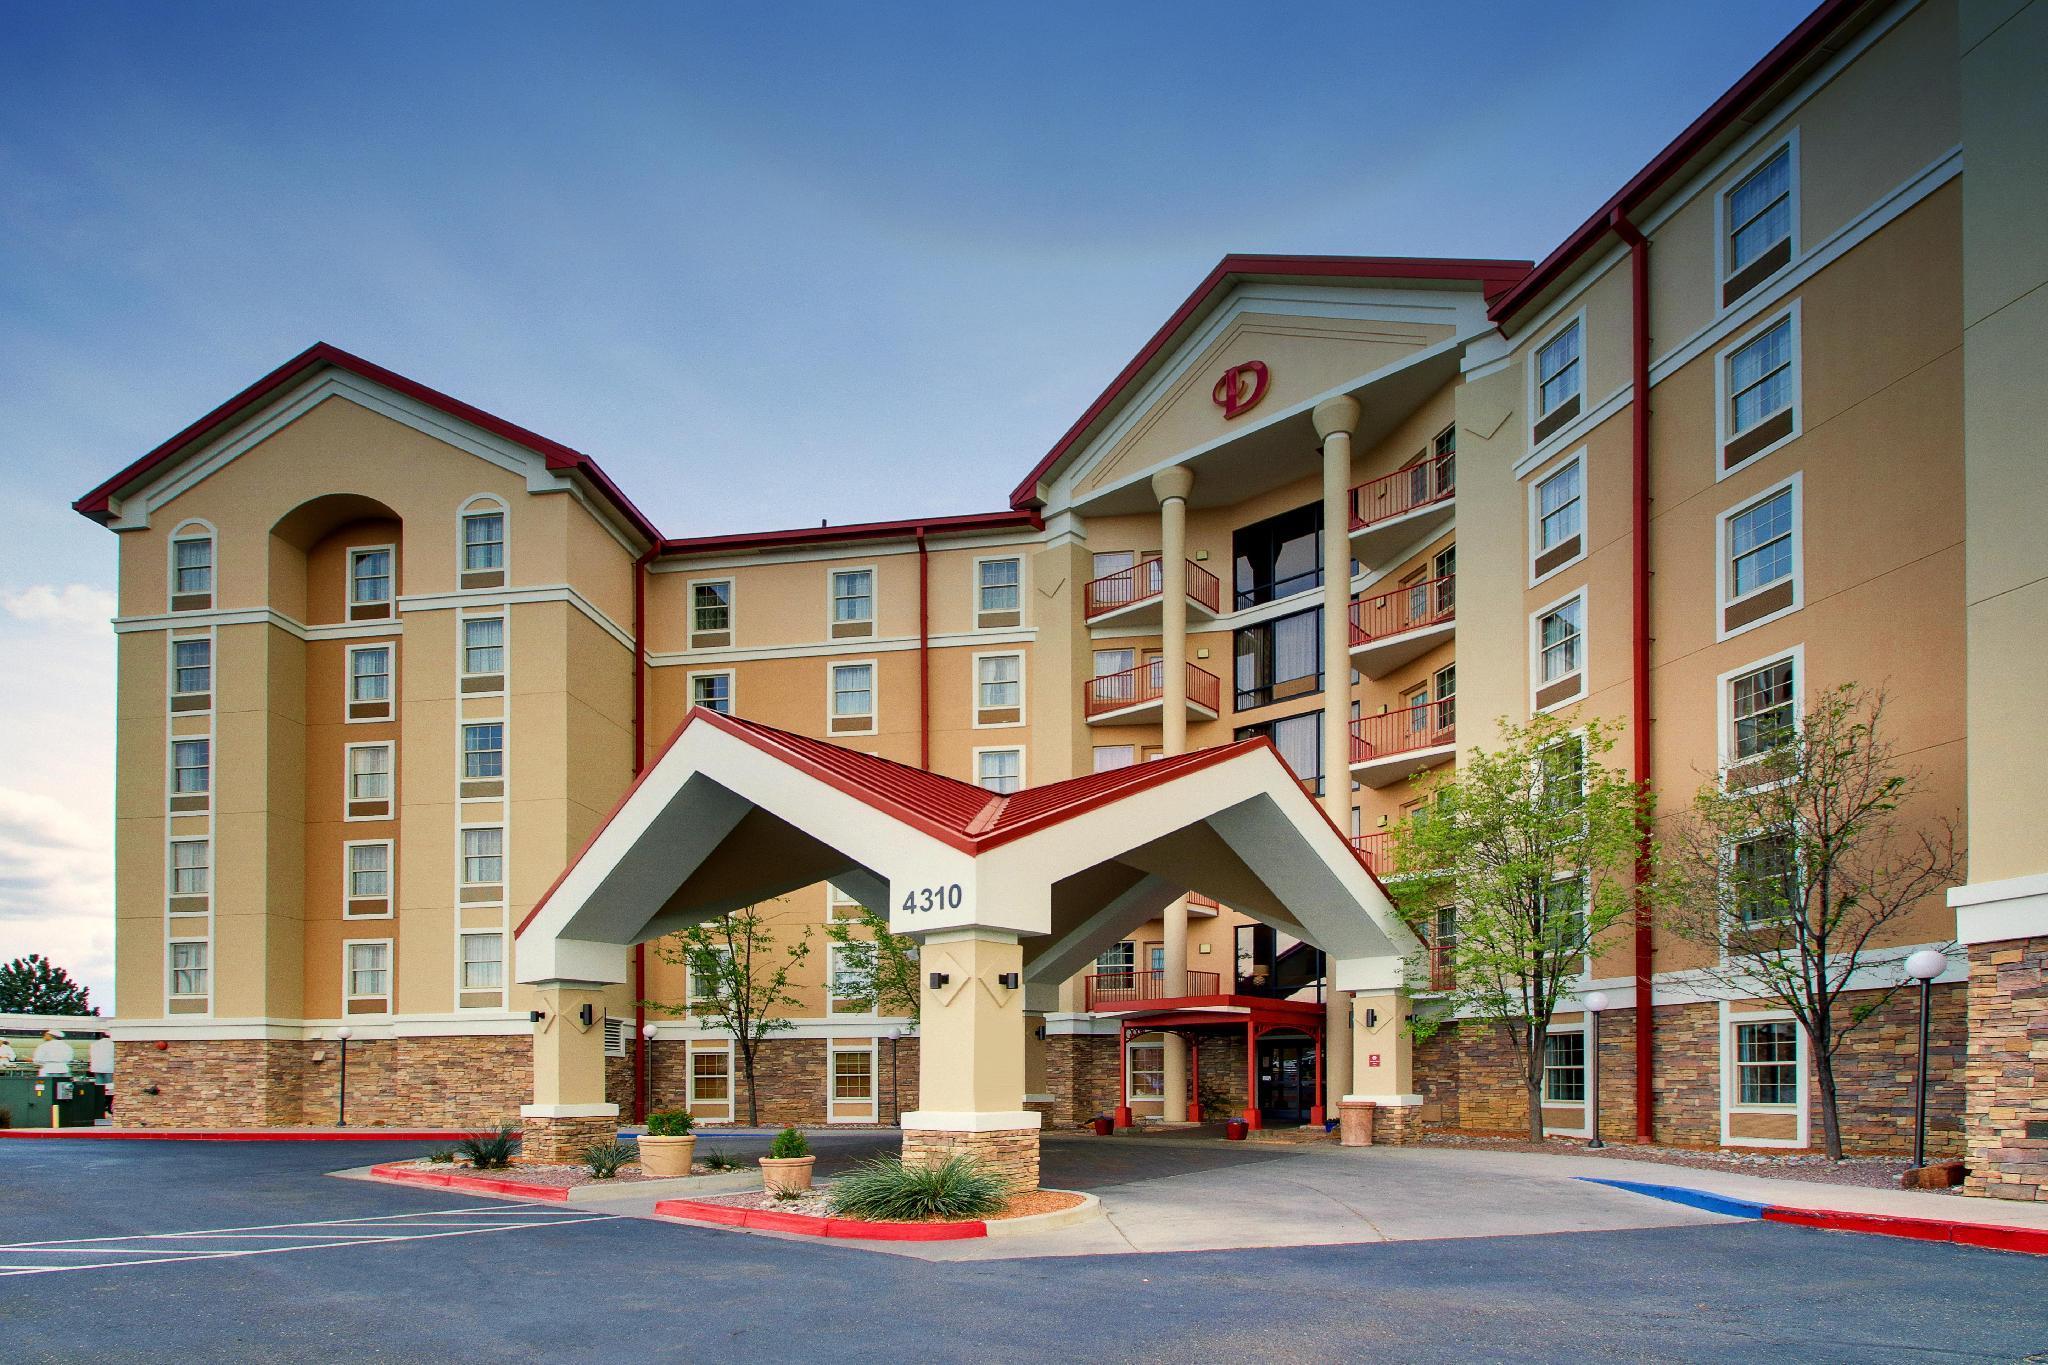 Drury Inn And Suites Albuquerque North